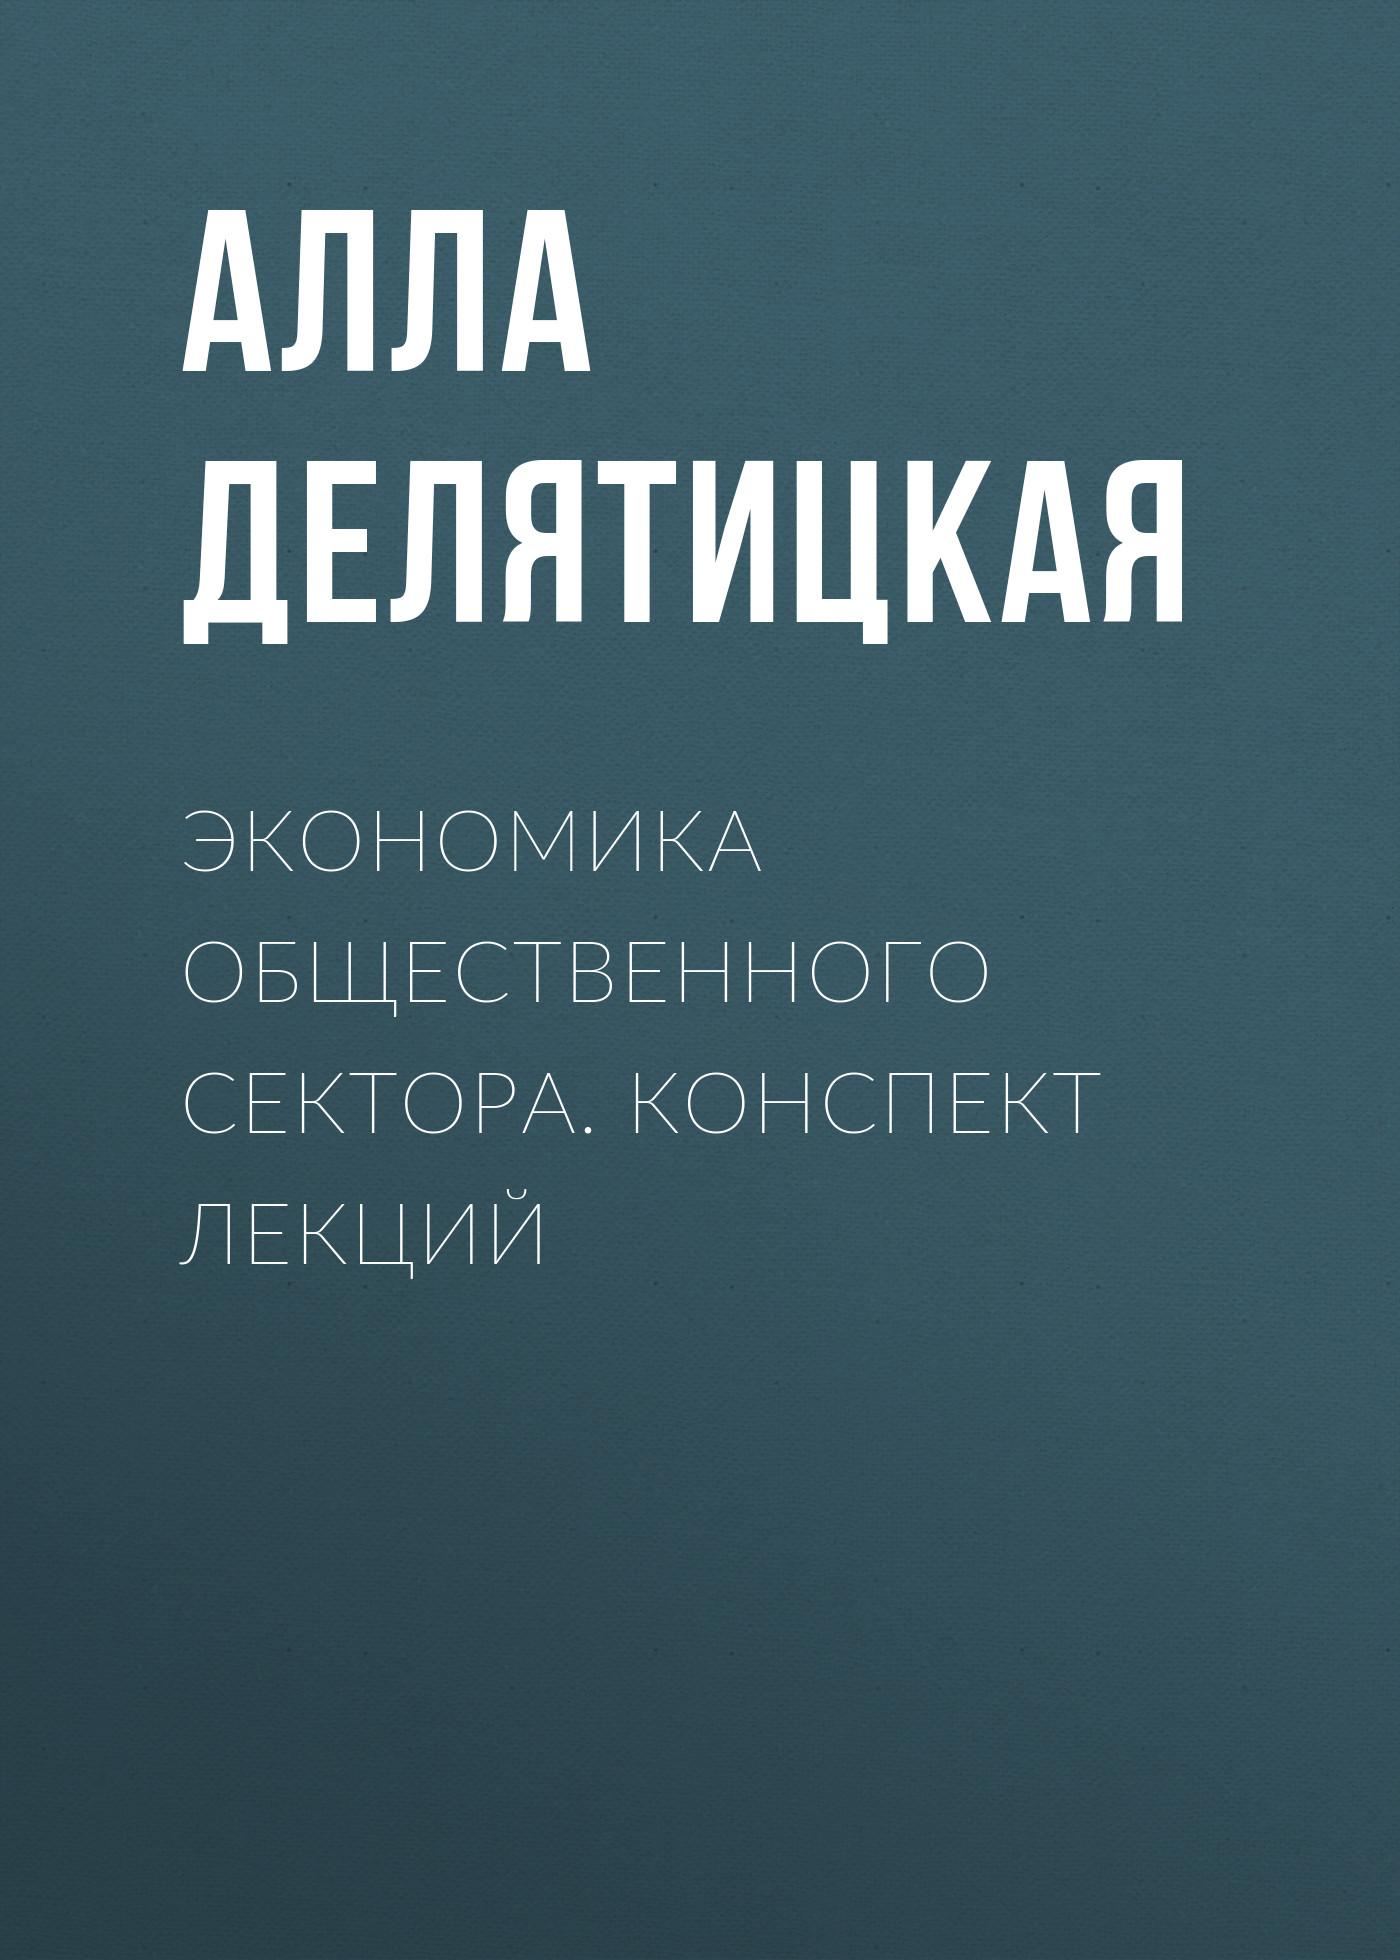 Алла Делятицкая Экономика общественного сектора. Конспект лекций шторка для ванны vegas zv 0170 08 02